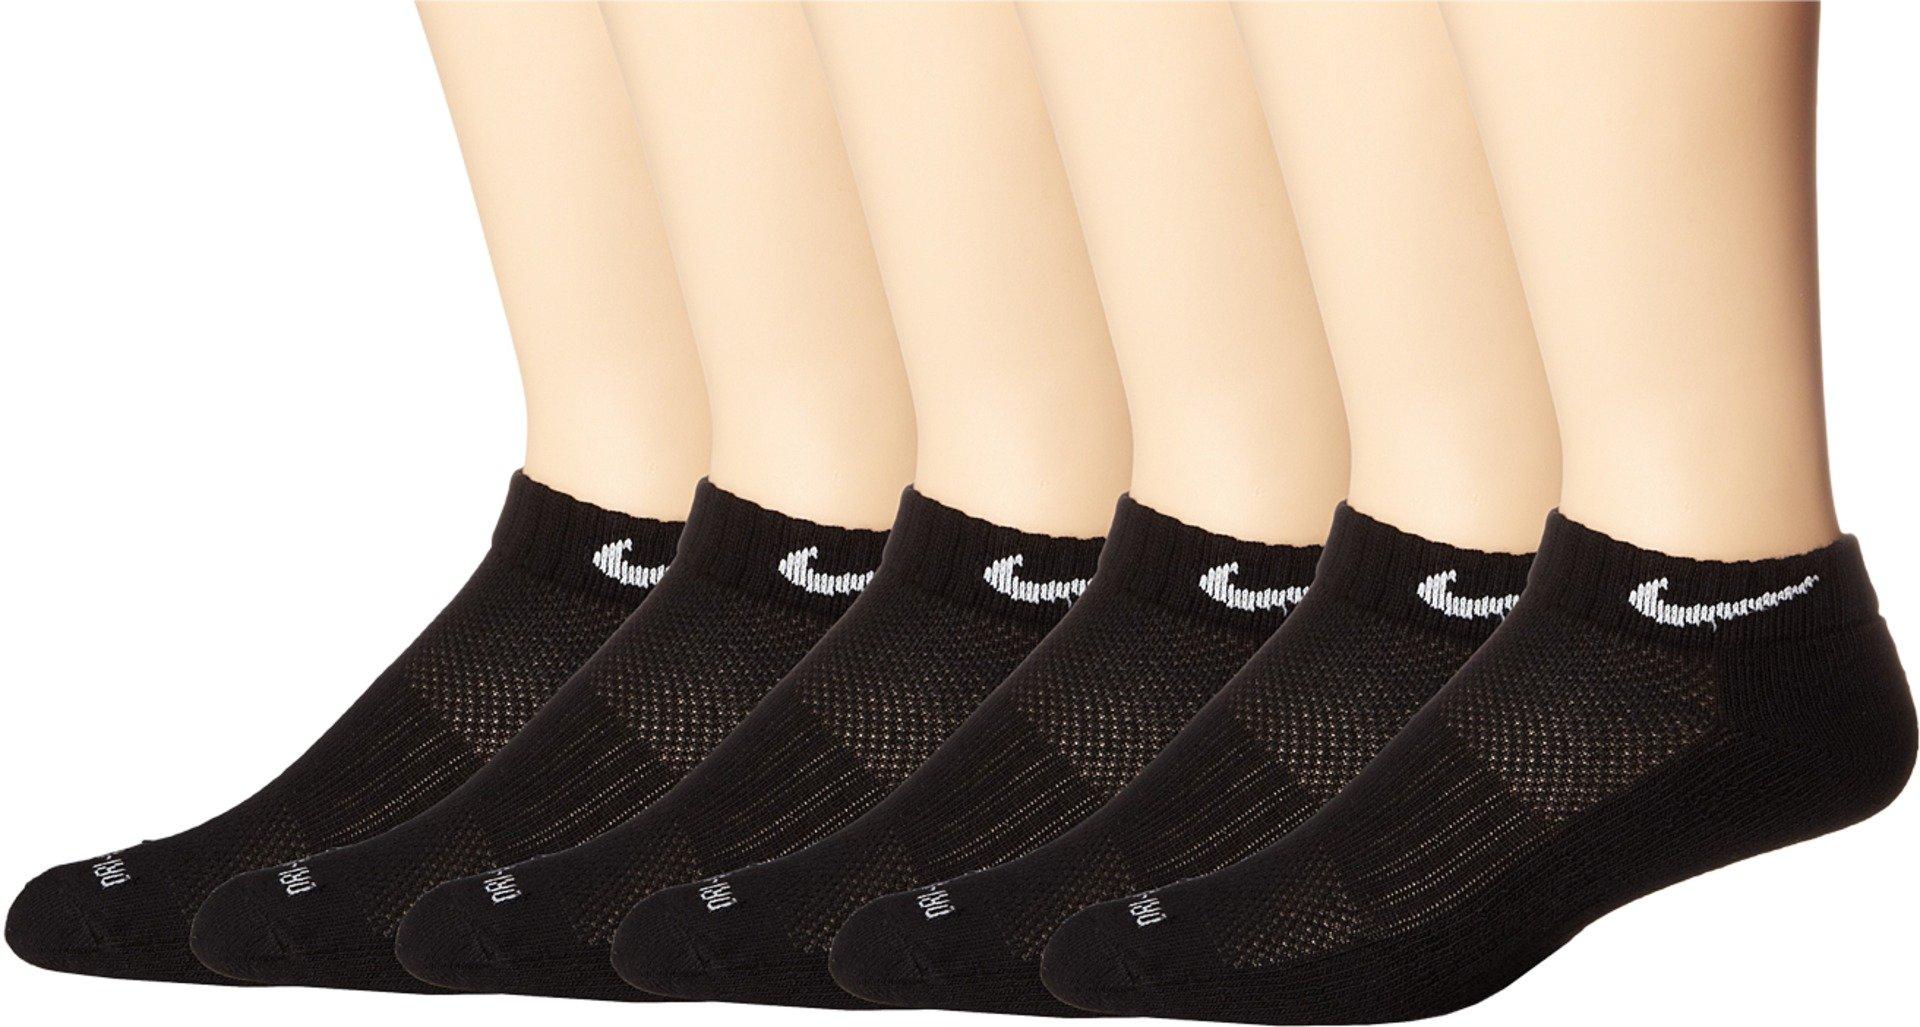 Nike Dri-FIT Low-Cut Training Socks (Large/6 Pair) Black/White Size Large